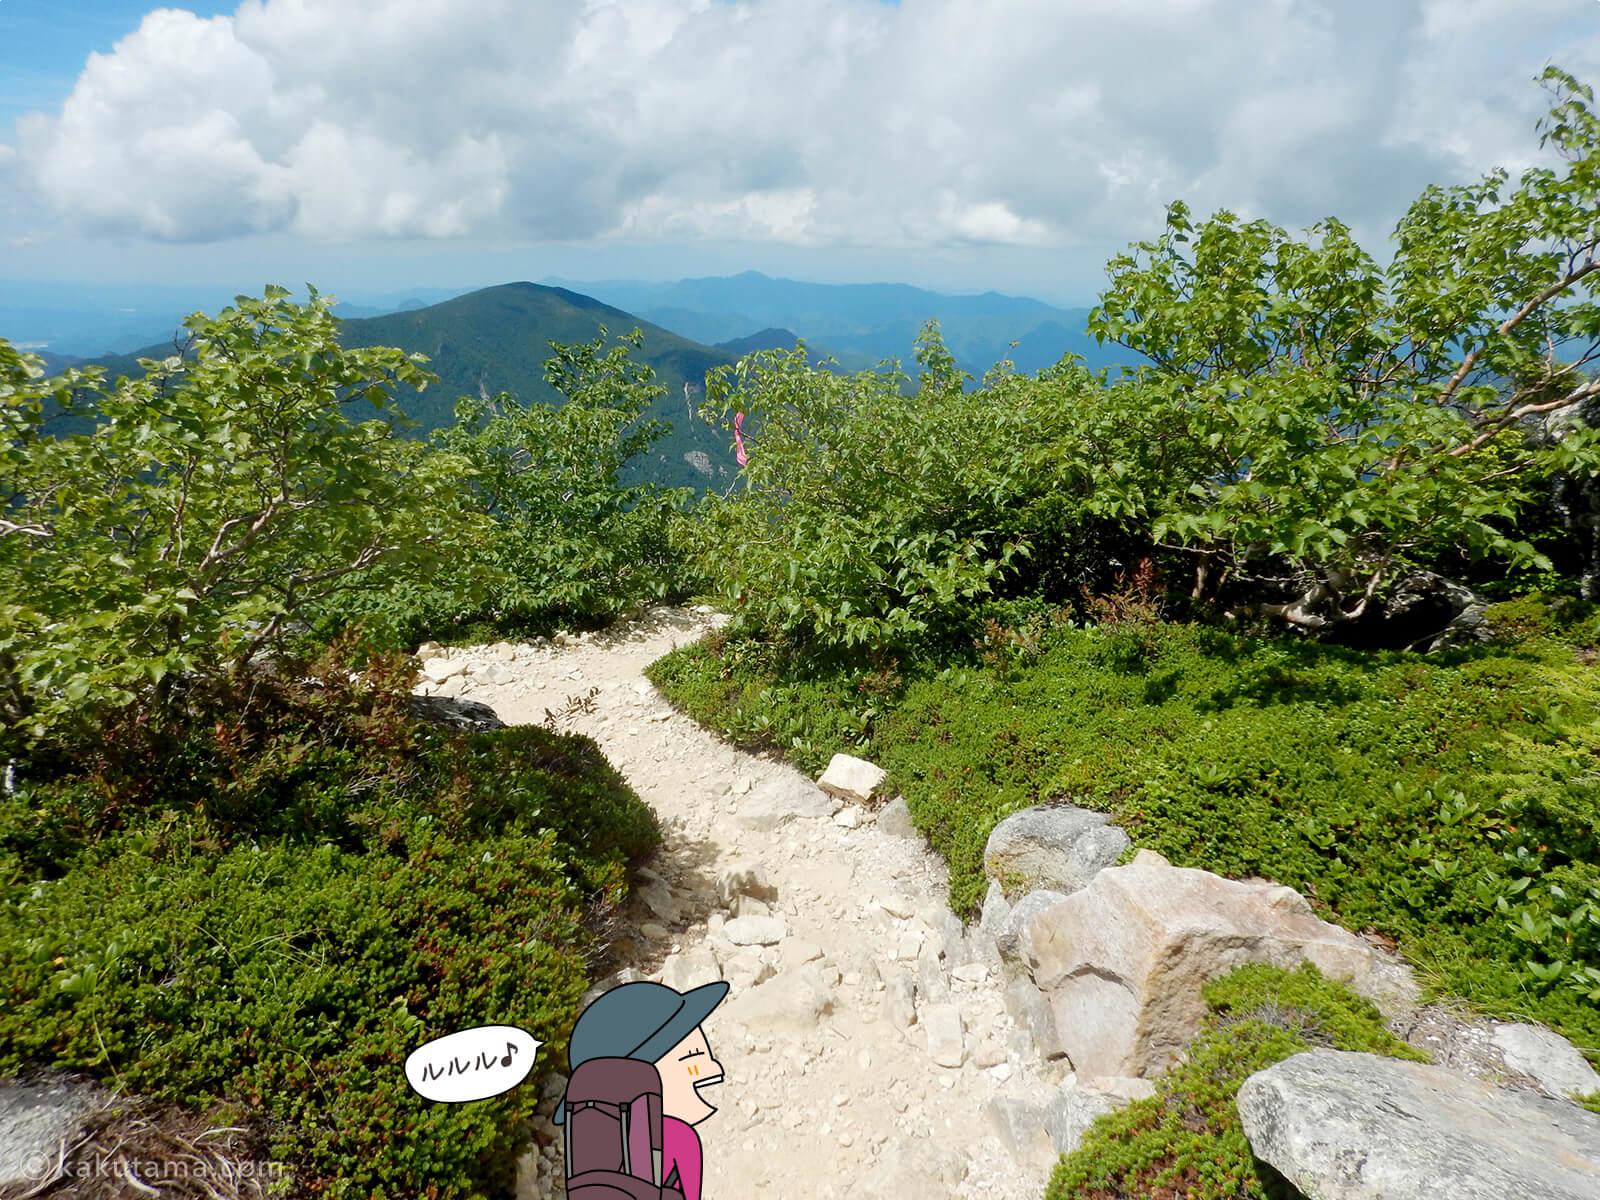 金峰山から賽の河原へ向かって歩き出す2